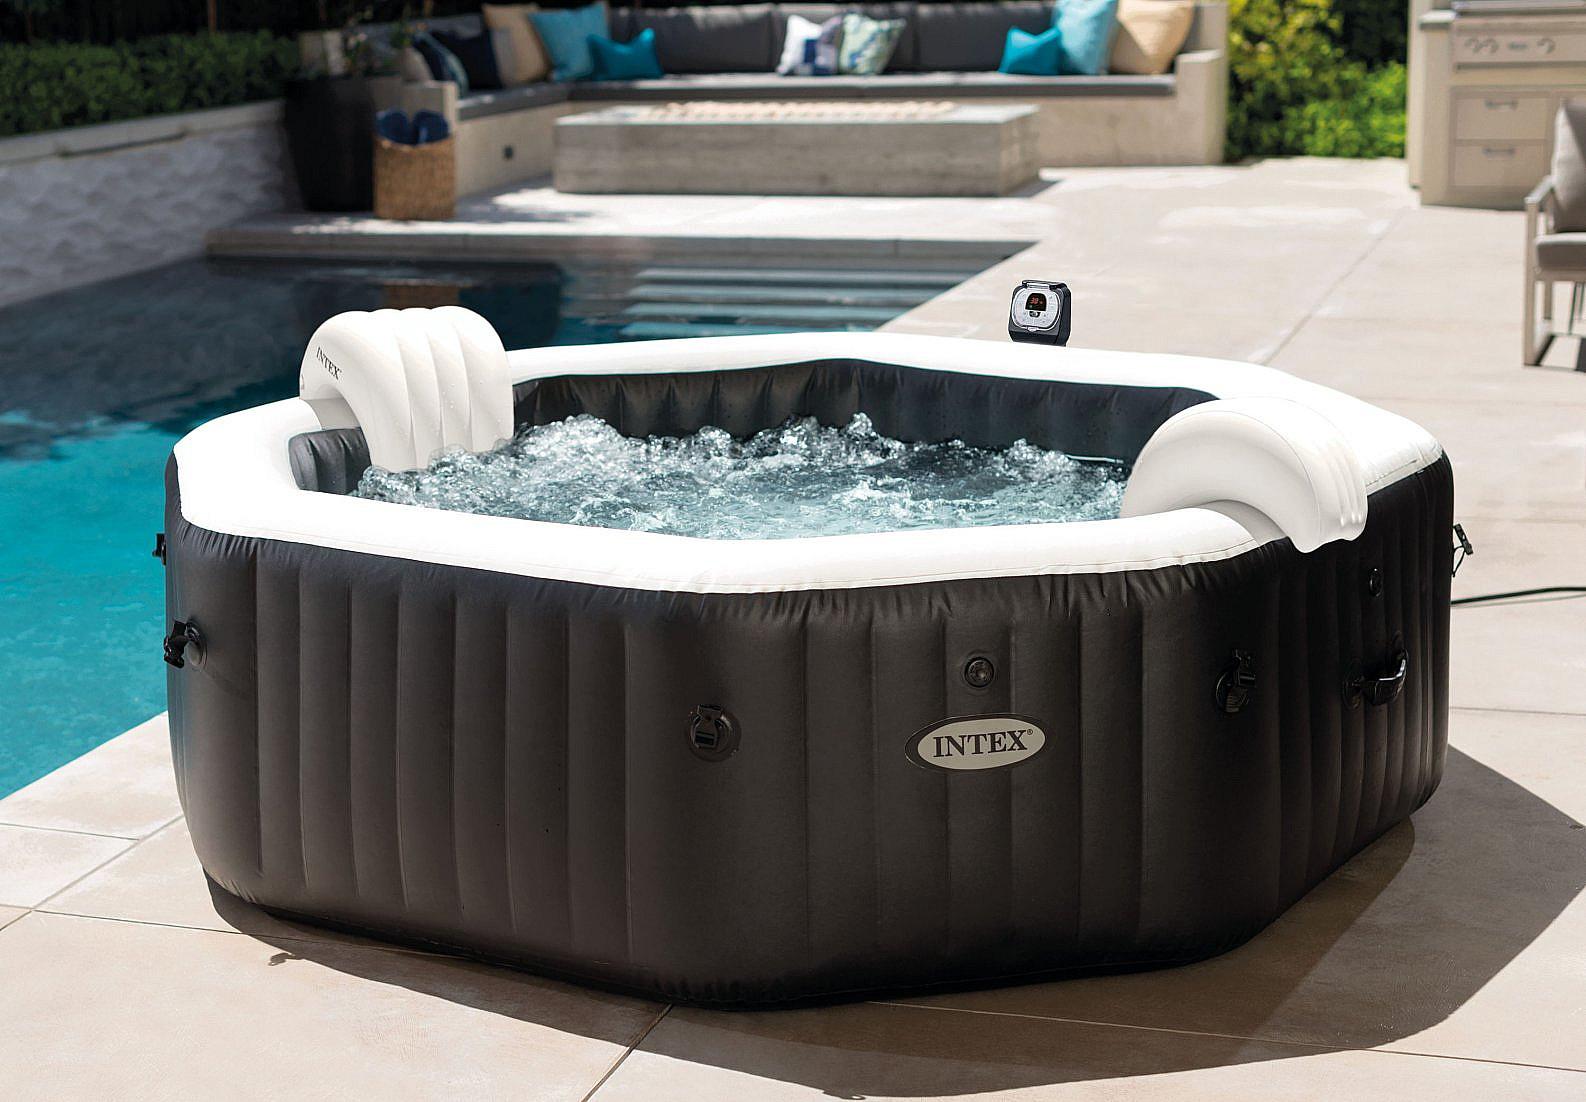 INTEX Nafukovací vířivka Deluxe Octagon systém slané vody pro 6 osob (bublinky+masáž+trysky) 1100L